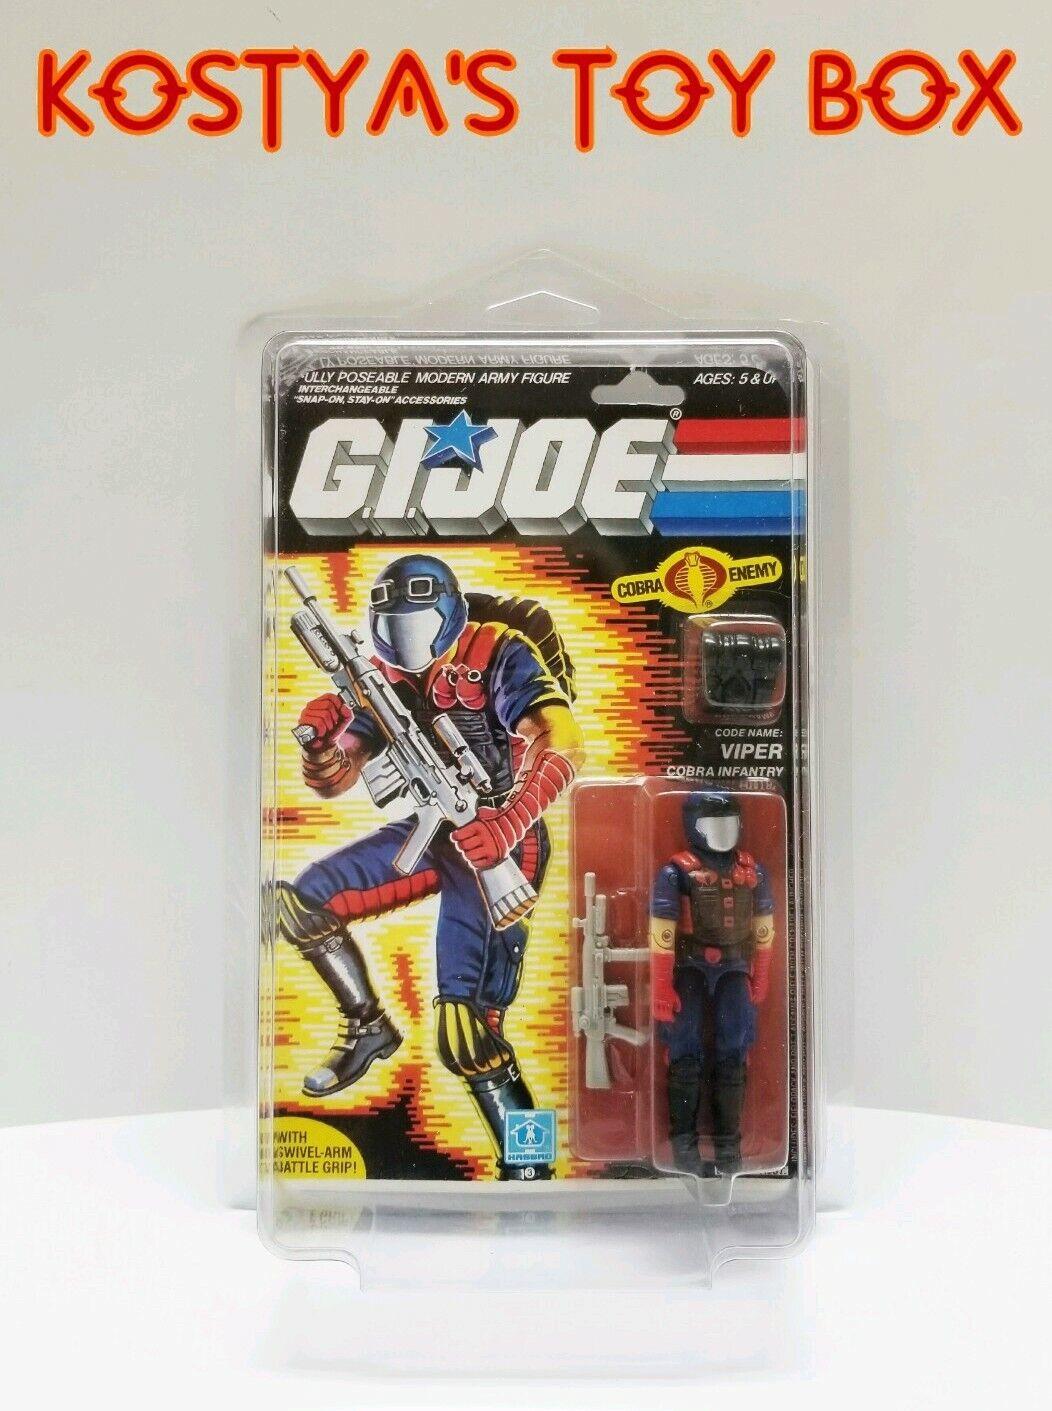 GI Joe Cobra VIPER 1986 MOC MOSC Hasbro Vintage Factory Sealed Action Figure